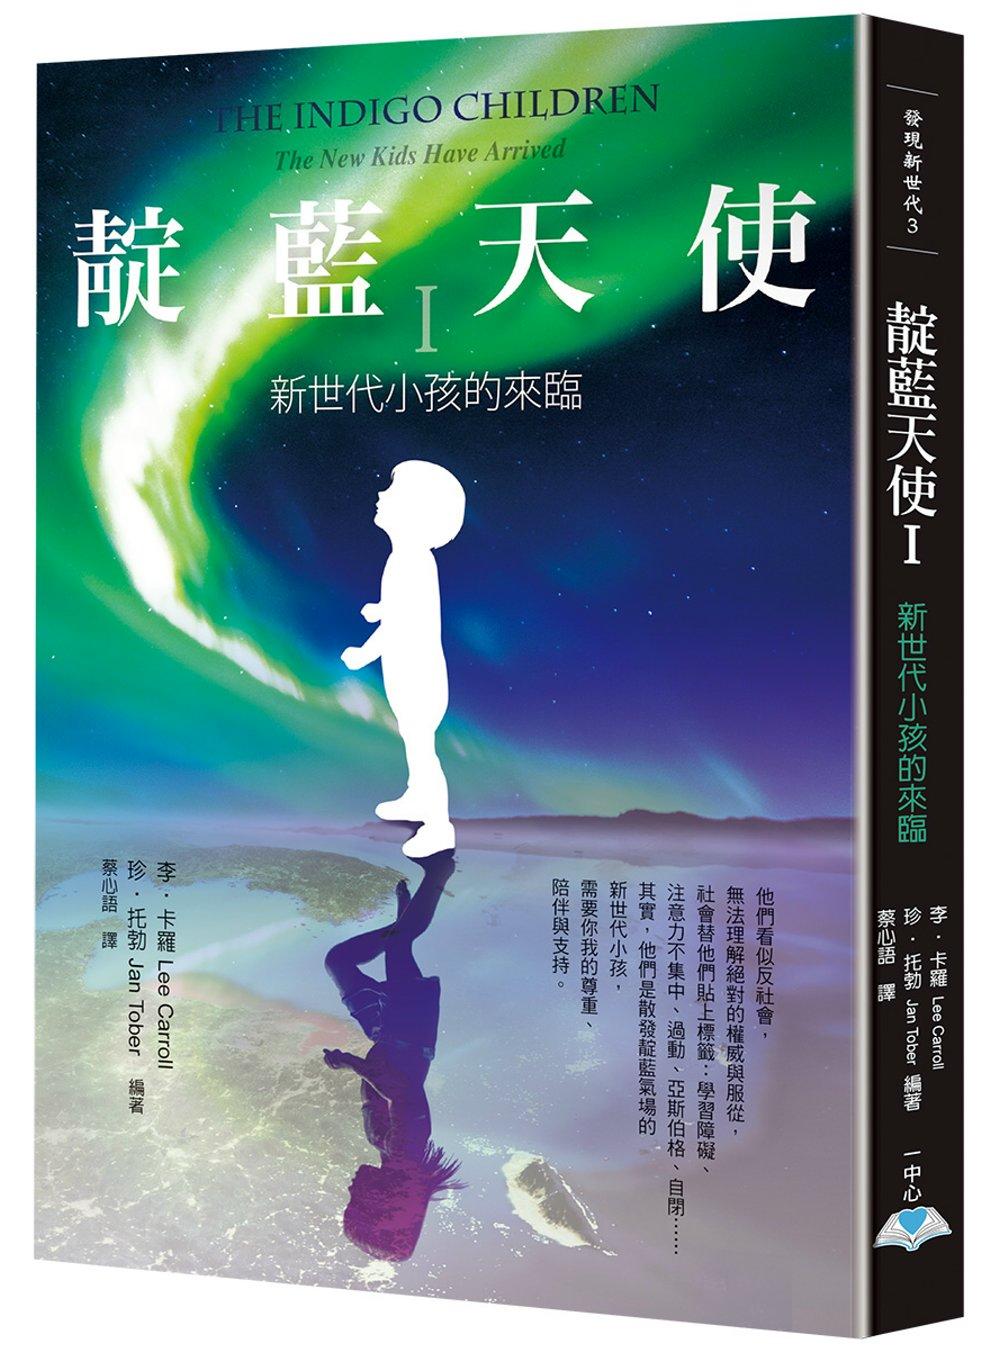 靛藍天使1:新世代小孩的來臨